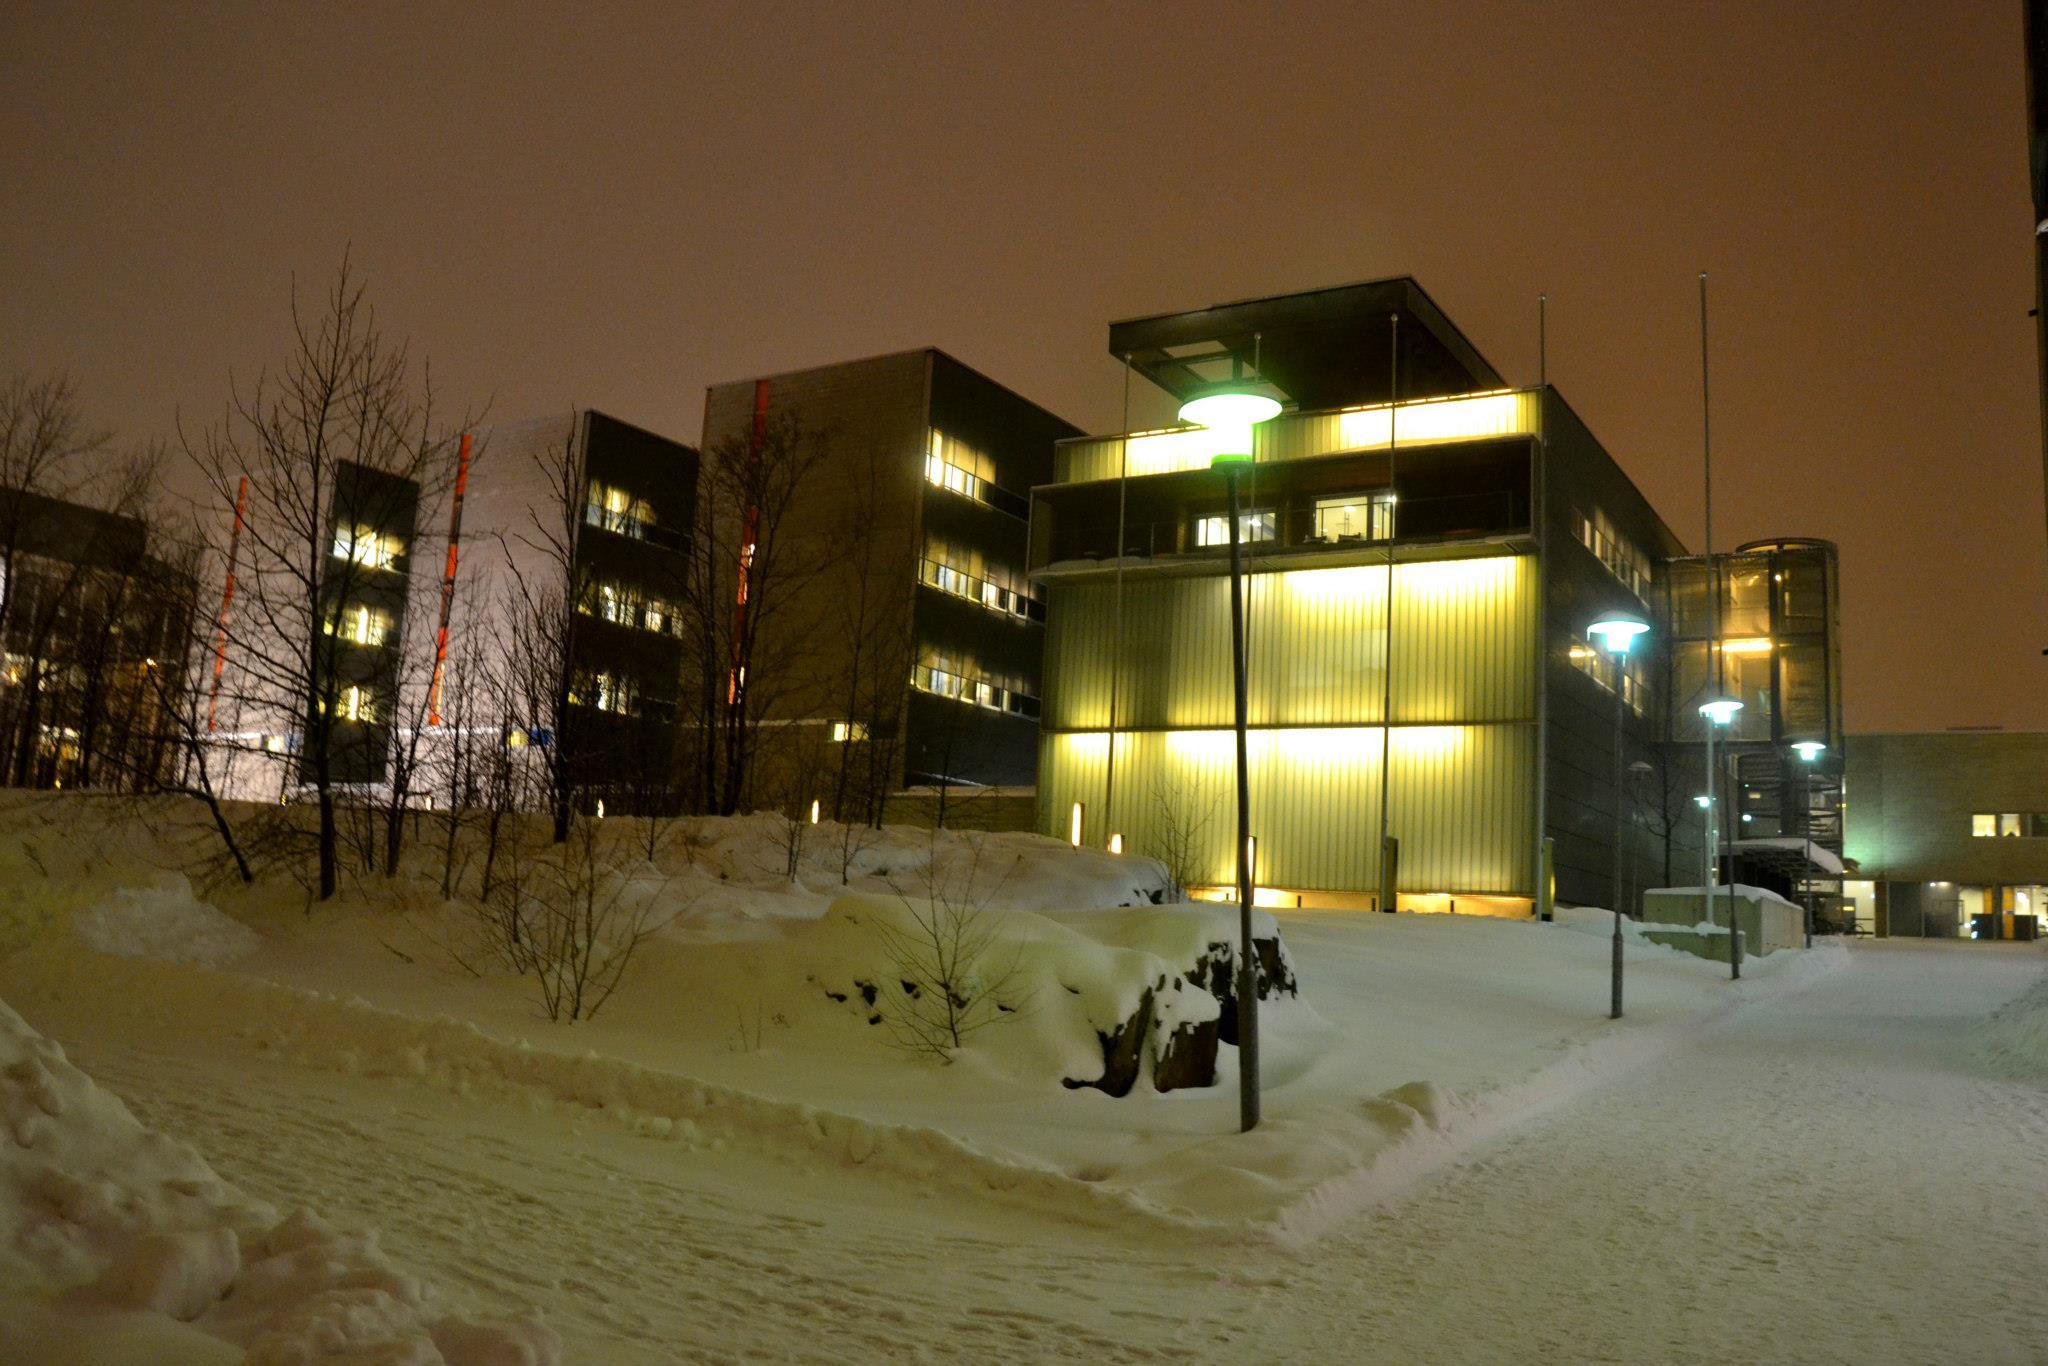 Pohled na Exactum budovu, kde probíhala výuka všech mých kurzů. Nachází se v Kumpula kampusu, což je jeden ze čtyř kampusů University of Helsinki, tento pro exaktní vědy (fyzika, chemie, matematika, CS a další).